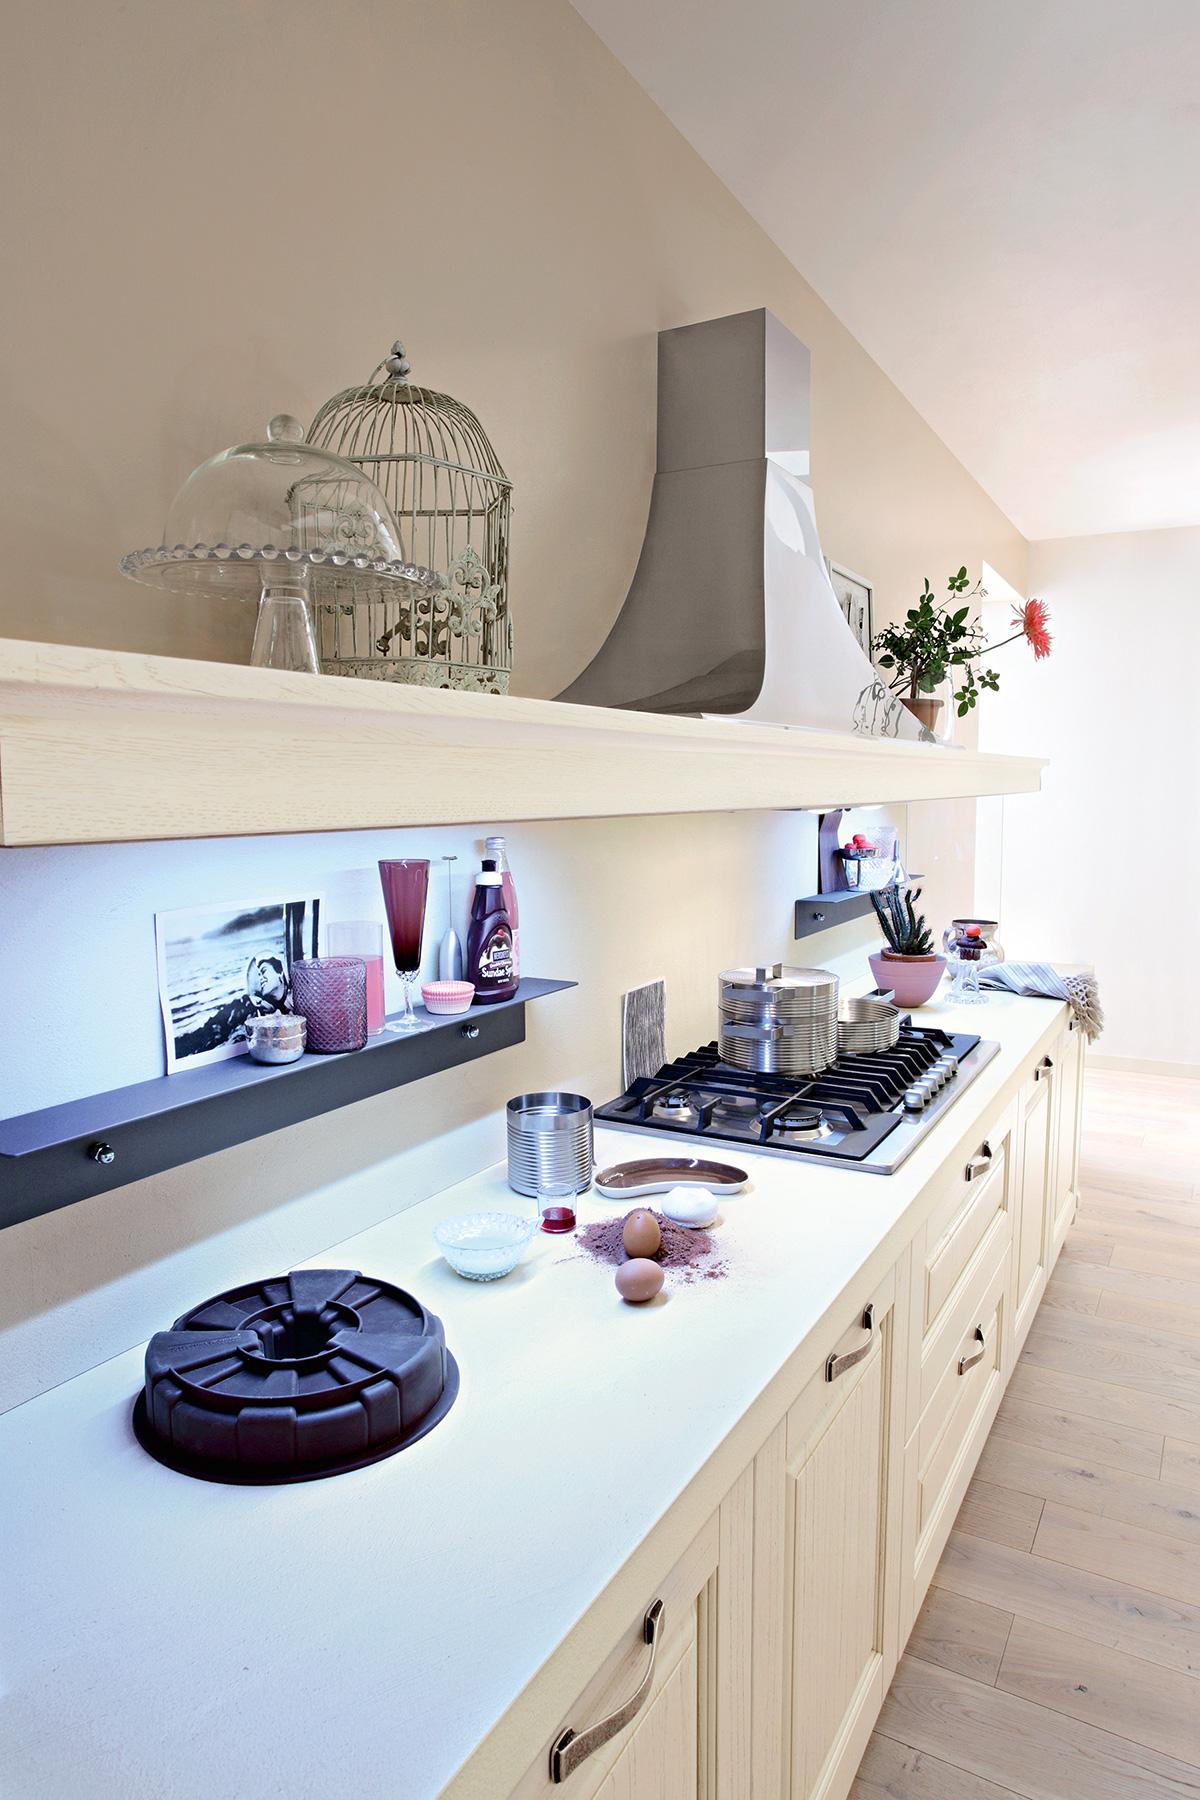 Ar-Tre | Greta - Cucine classiche eleganti con finiture in legno.